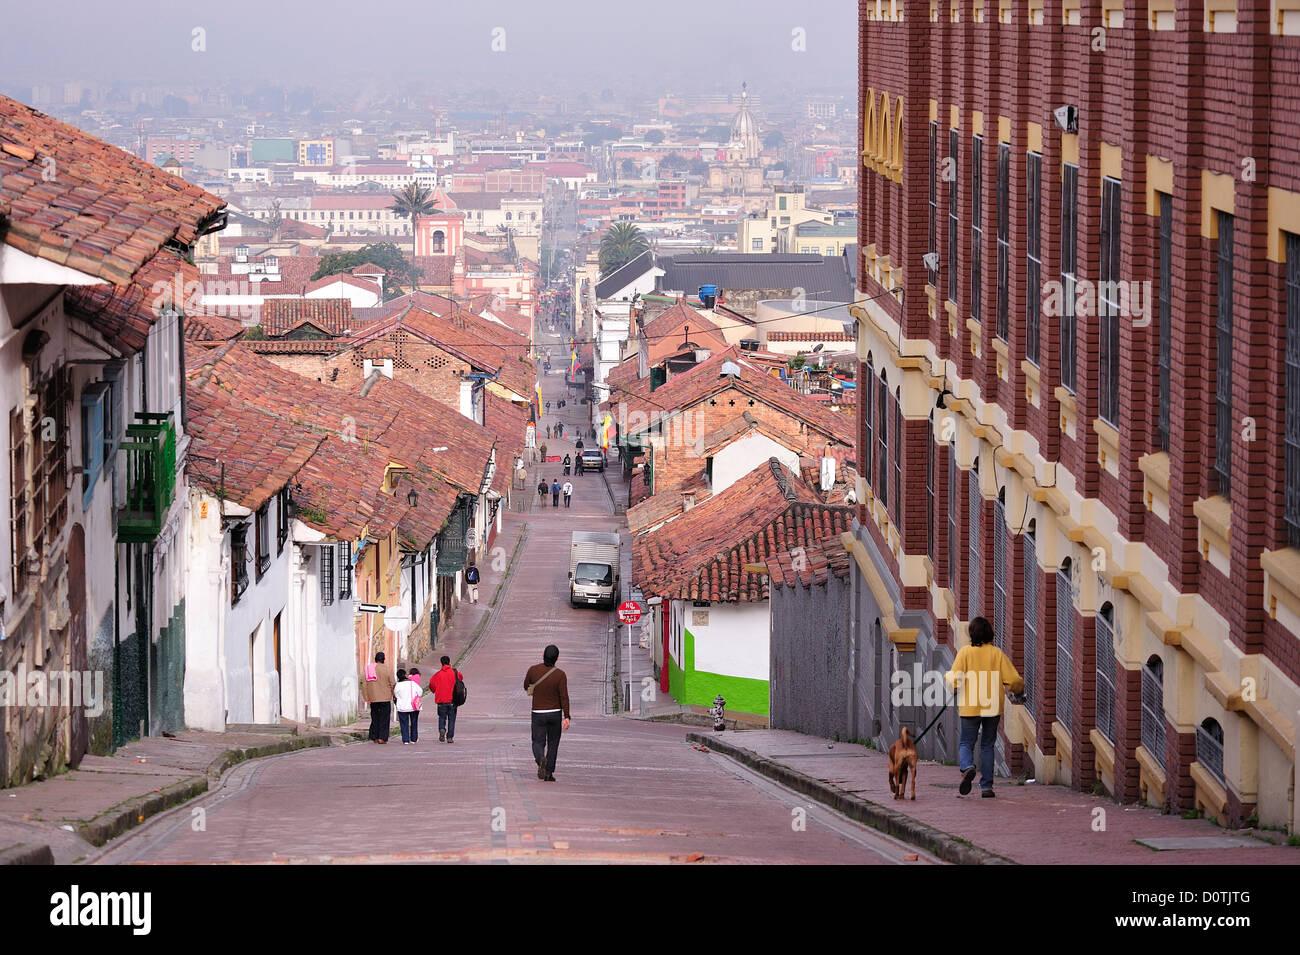 , Vieille Ville, tuile, toits, centre historique, Bogota, Colombie, Amérique du Sud Photo Stock